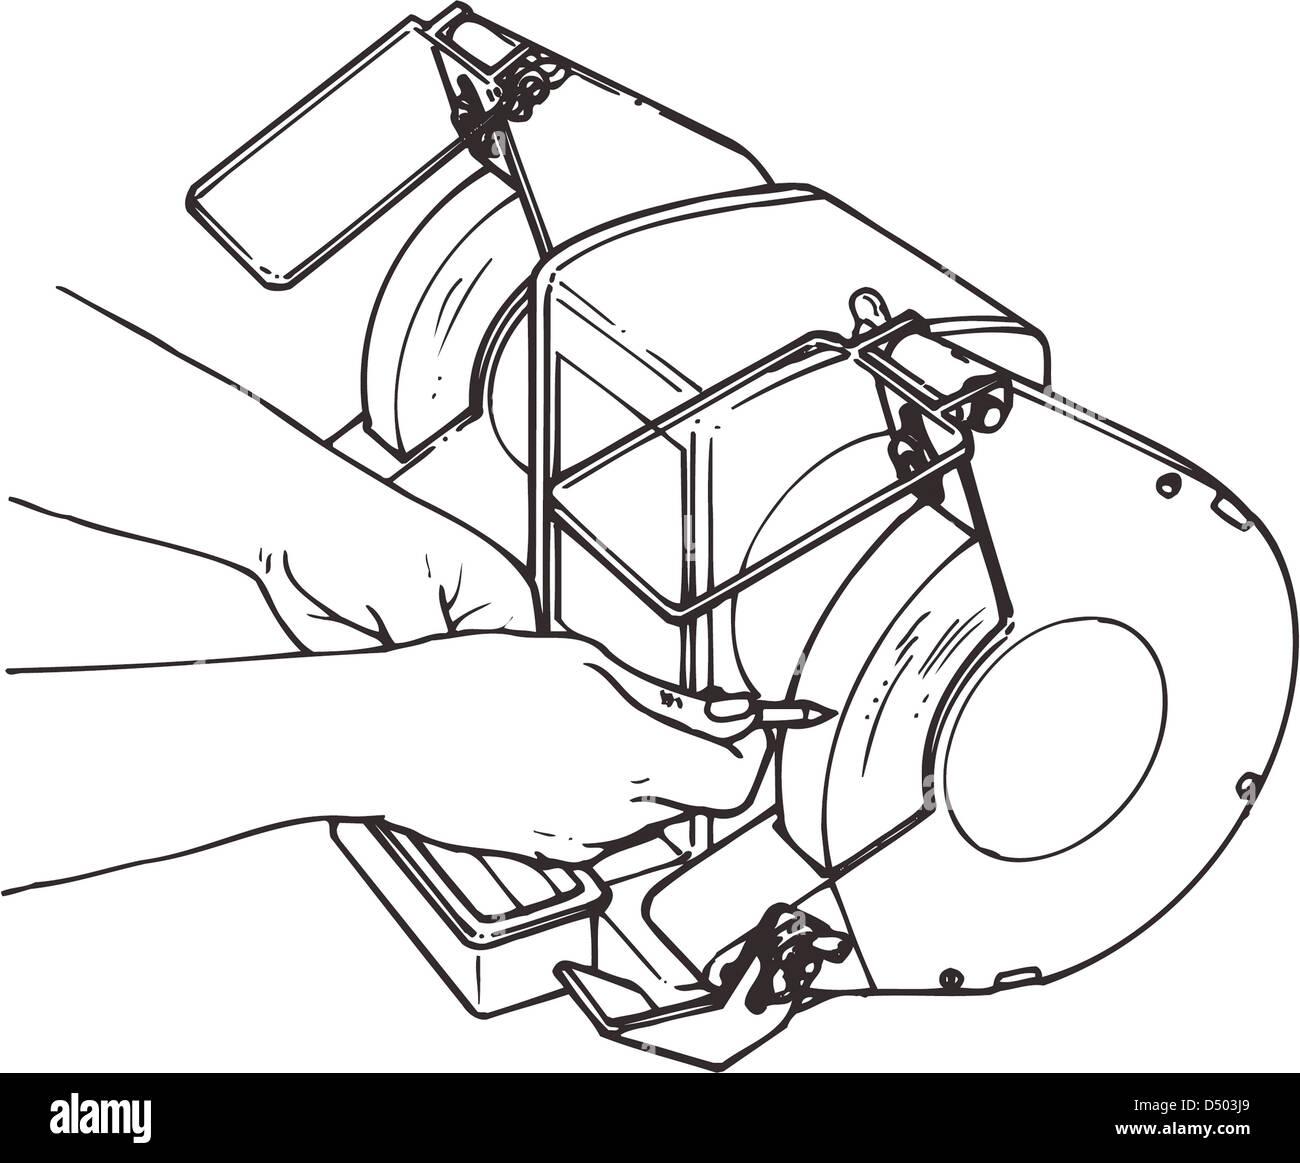 bench grinder stock photos bench grinder stock images alamy Wiring 110 Motor Bench Grinder bench grinder stock image